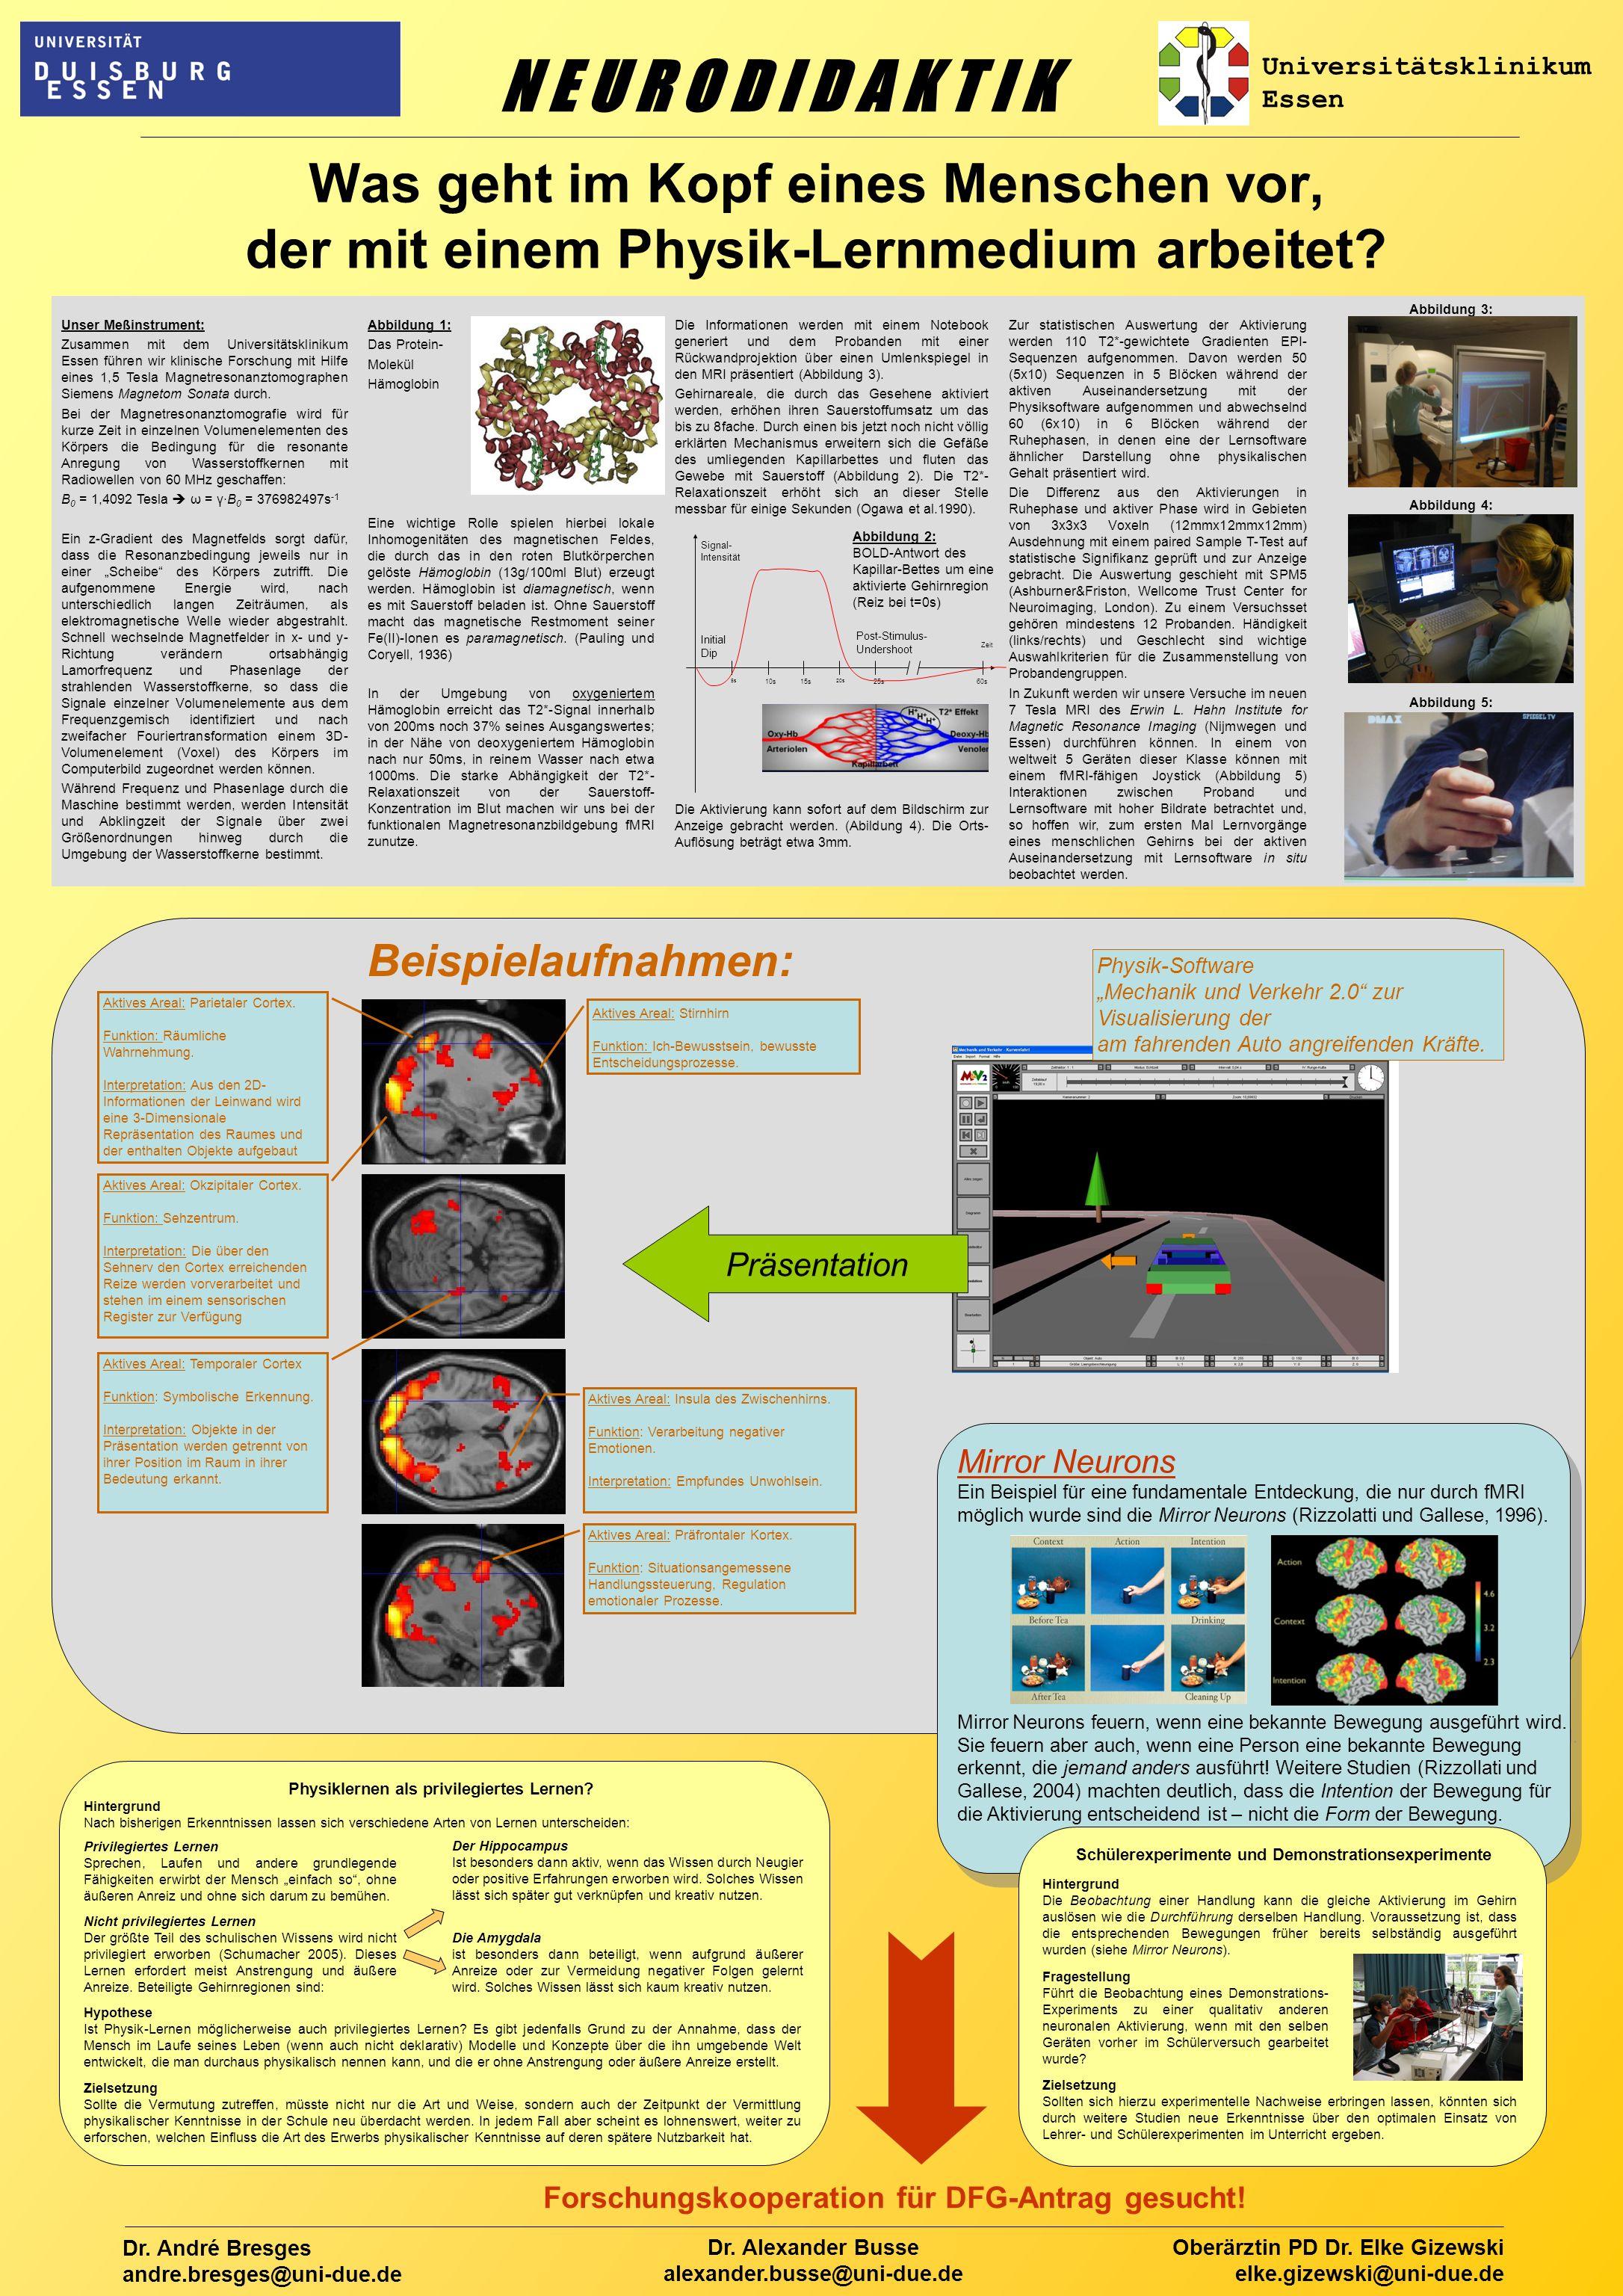 Was geht im Kopf eines Menschen vor, der mit einem Physik-Lernmedium arbeitet.